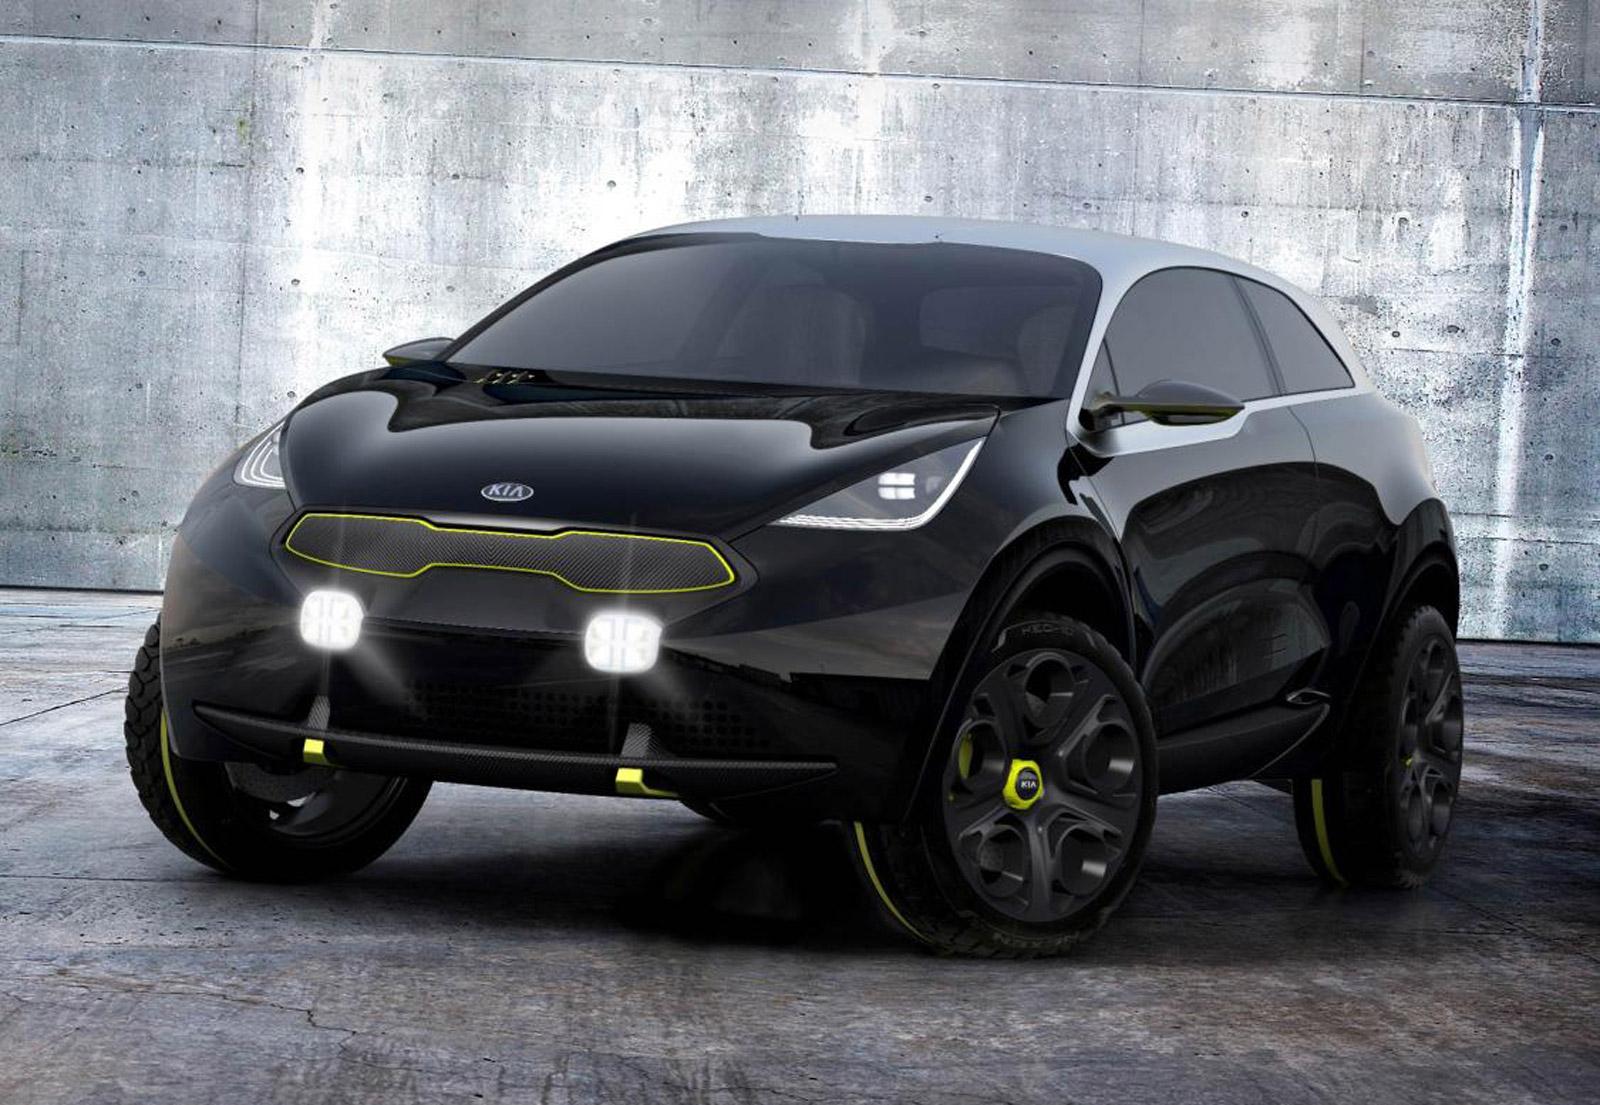 2017 Honda Crv For Sale >> 2015 Kia Soul EV, 2015 BMW X3 Diesel Crossover, Tesla ...